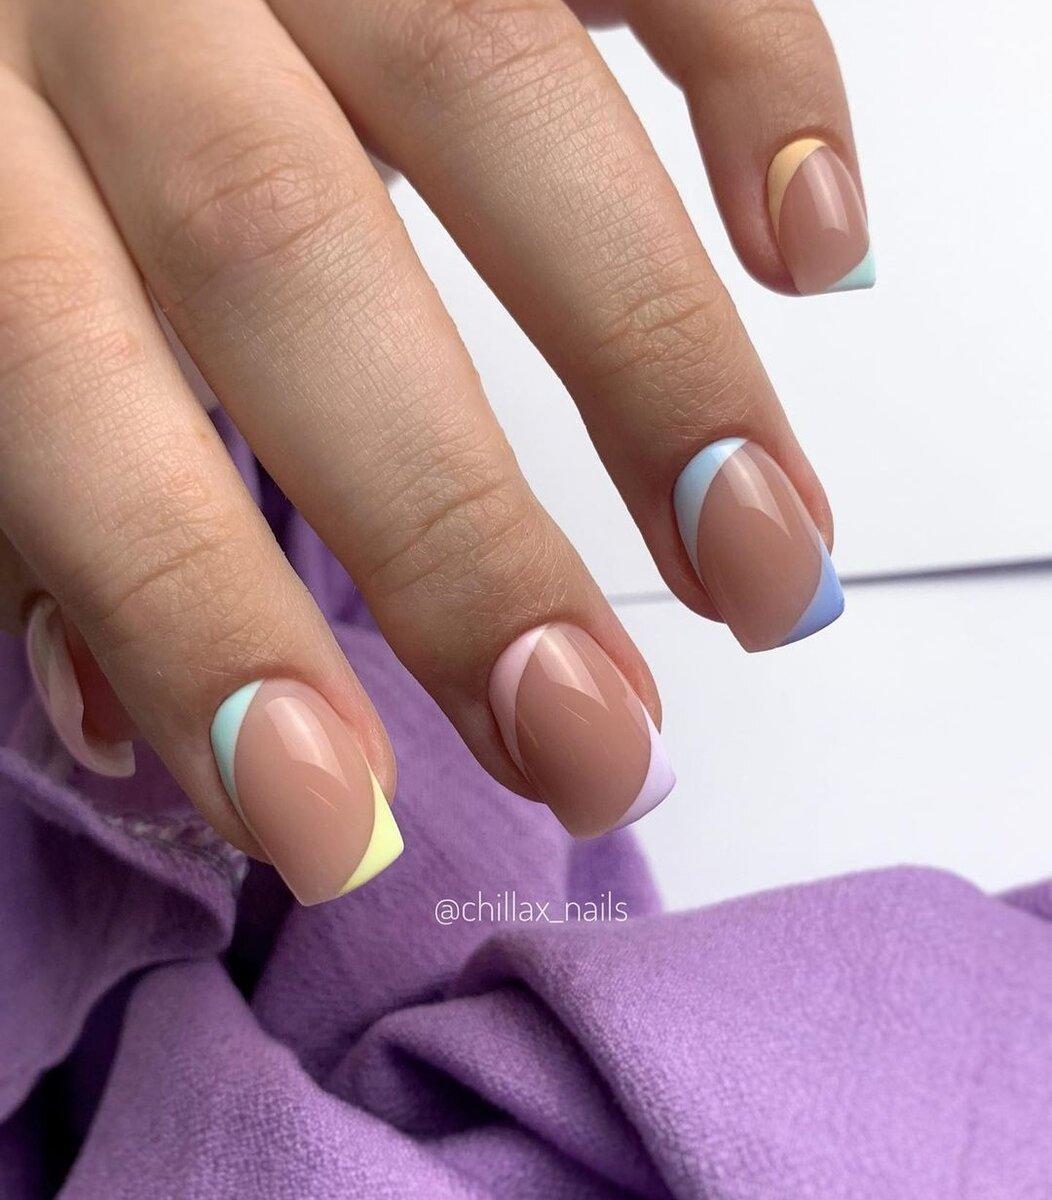 Френч лето 2021: дизайны ногтей, модные идеи на июнь, стильные оттенки, разные техники, фото.